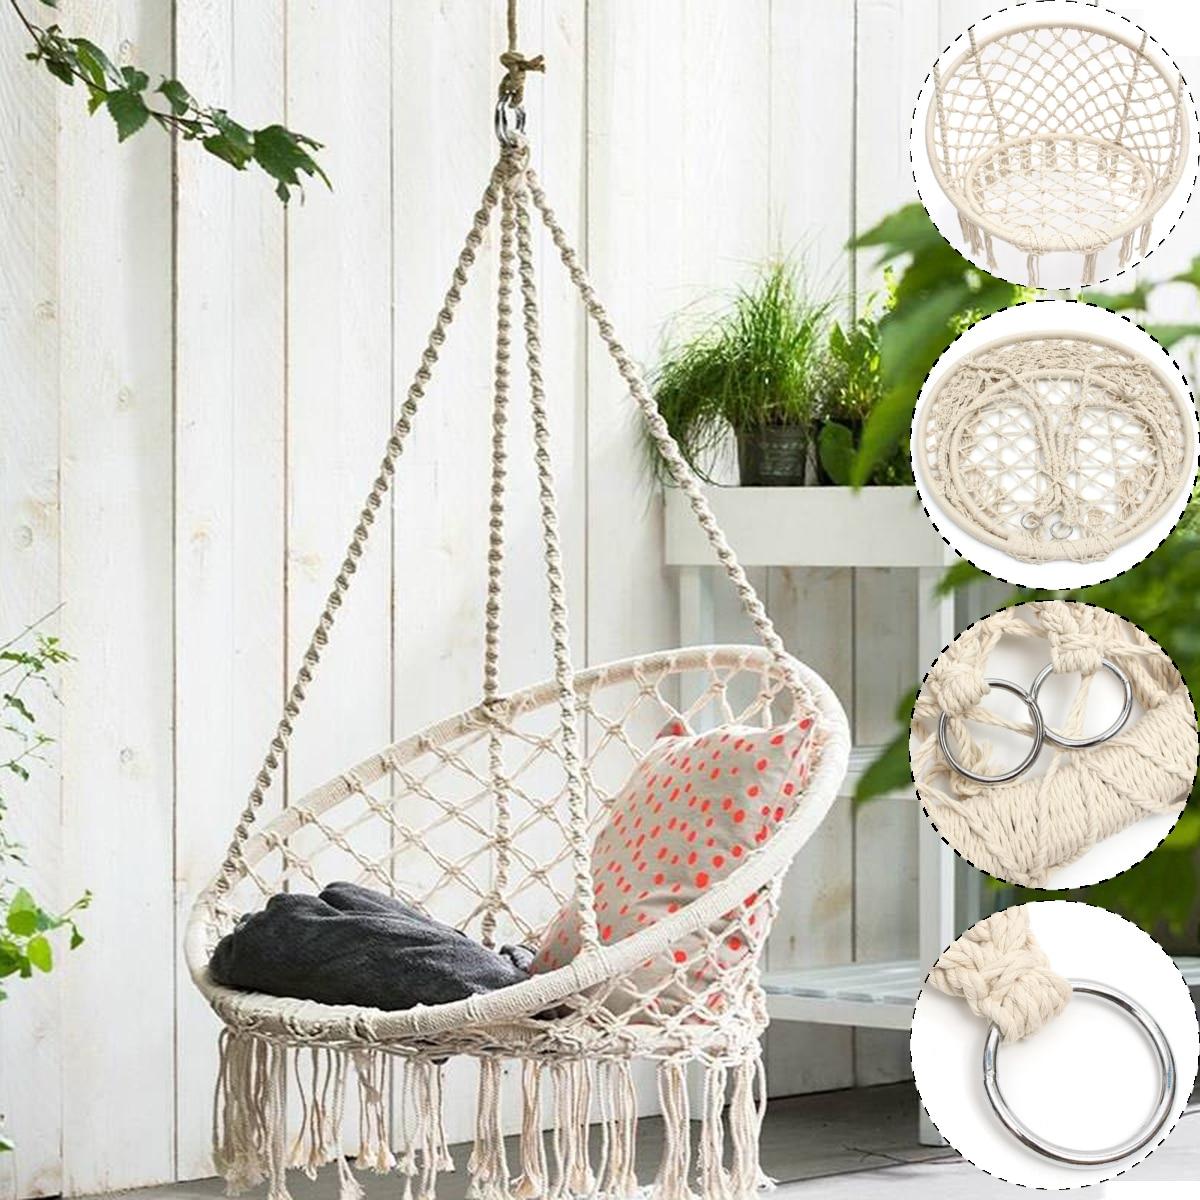 ผ้าฝ้ายนอร์ดิกเชือกเปลญวนเก้าอี้ Handmade ถักในร่มกลางแจ้งเด็ก Swing เตียงผู้ใหญ่แกว่งแขวนเก้าอี้...